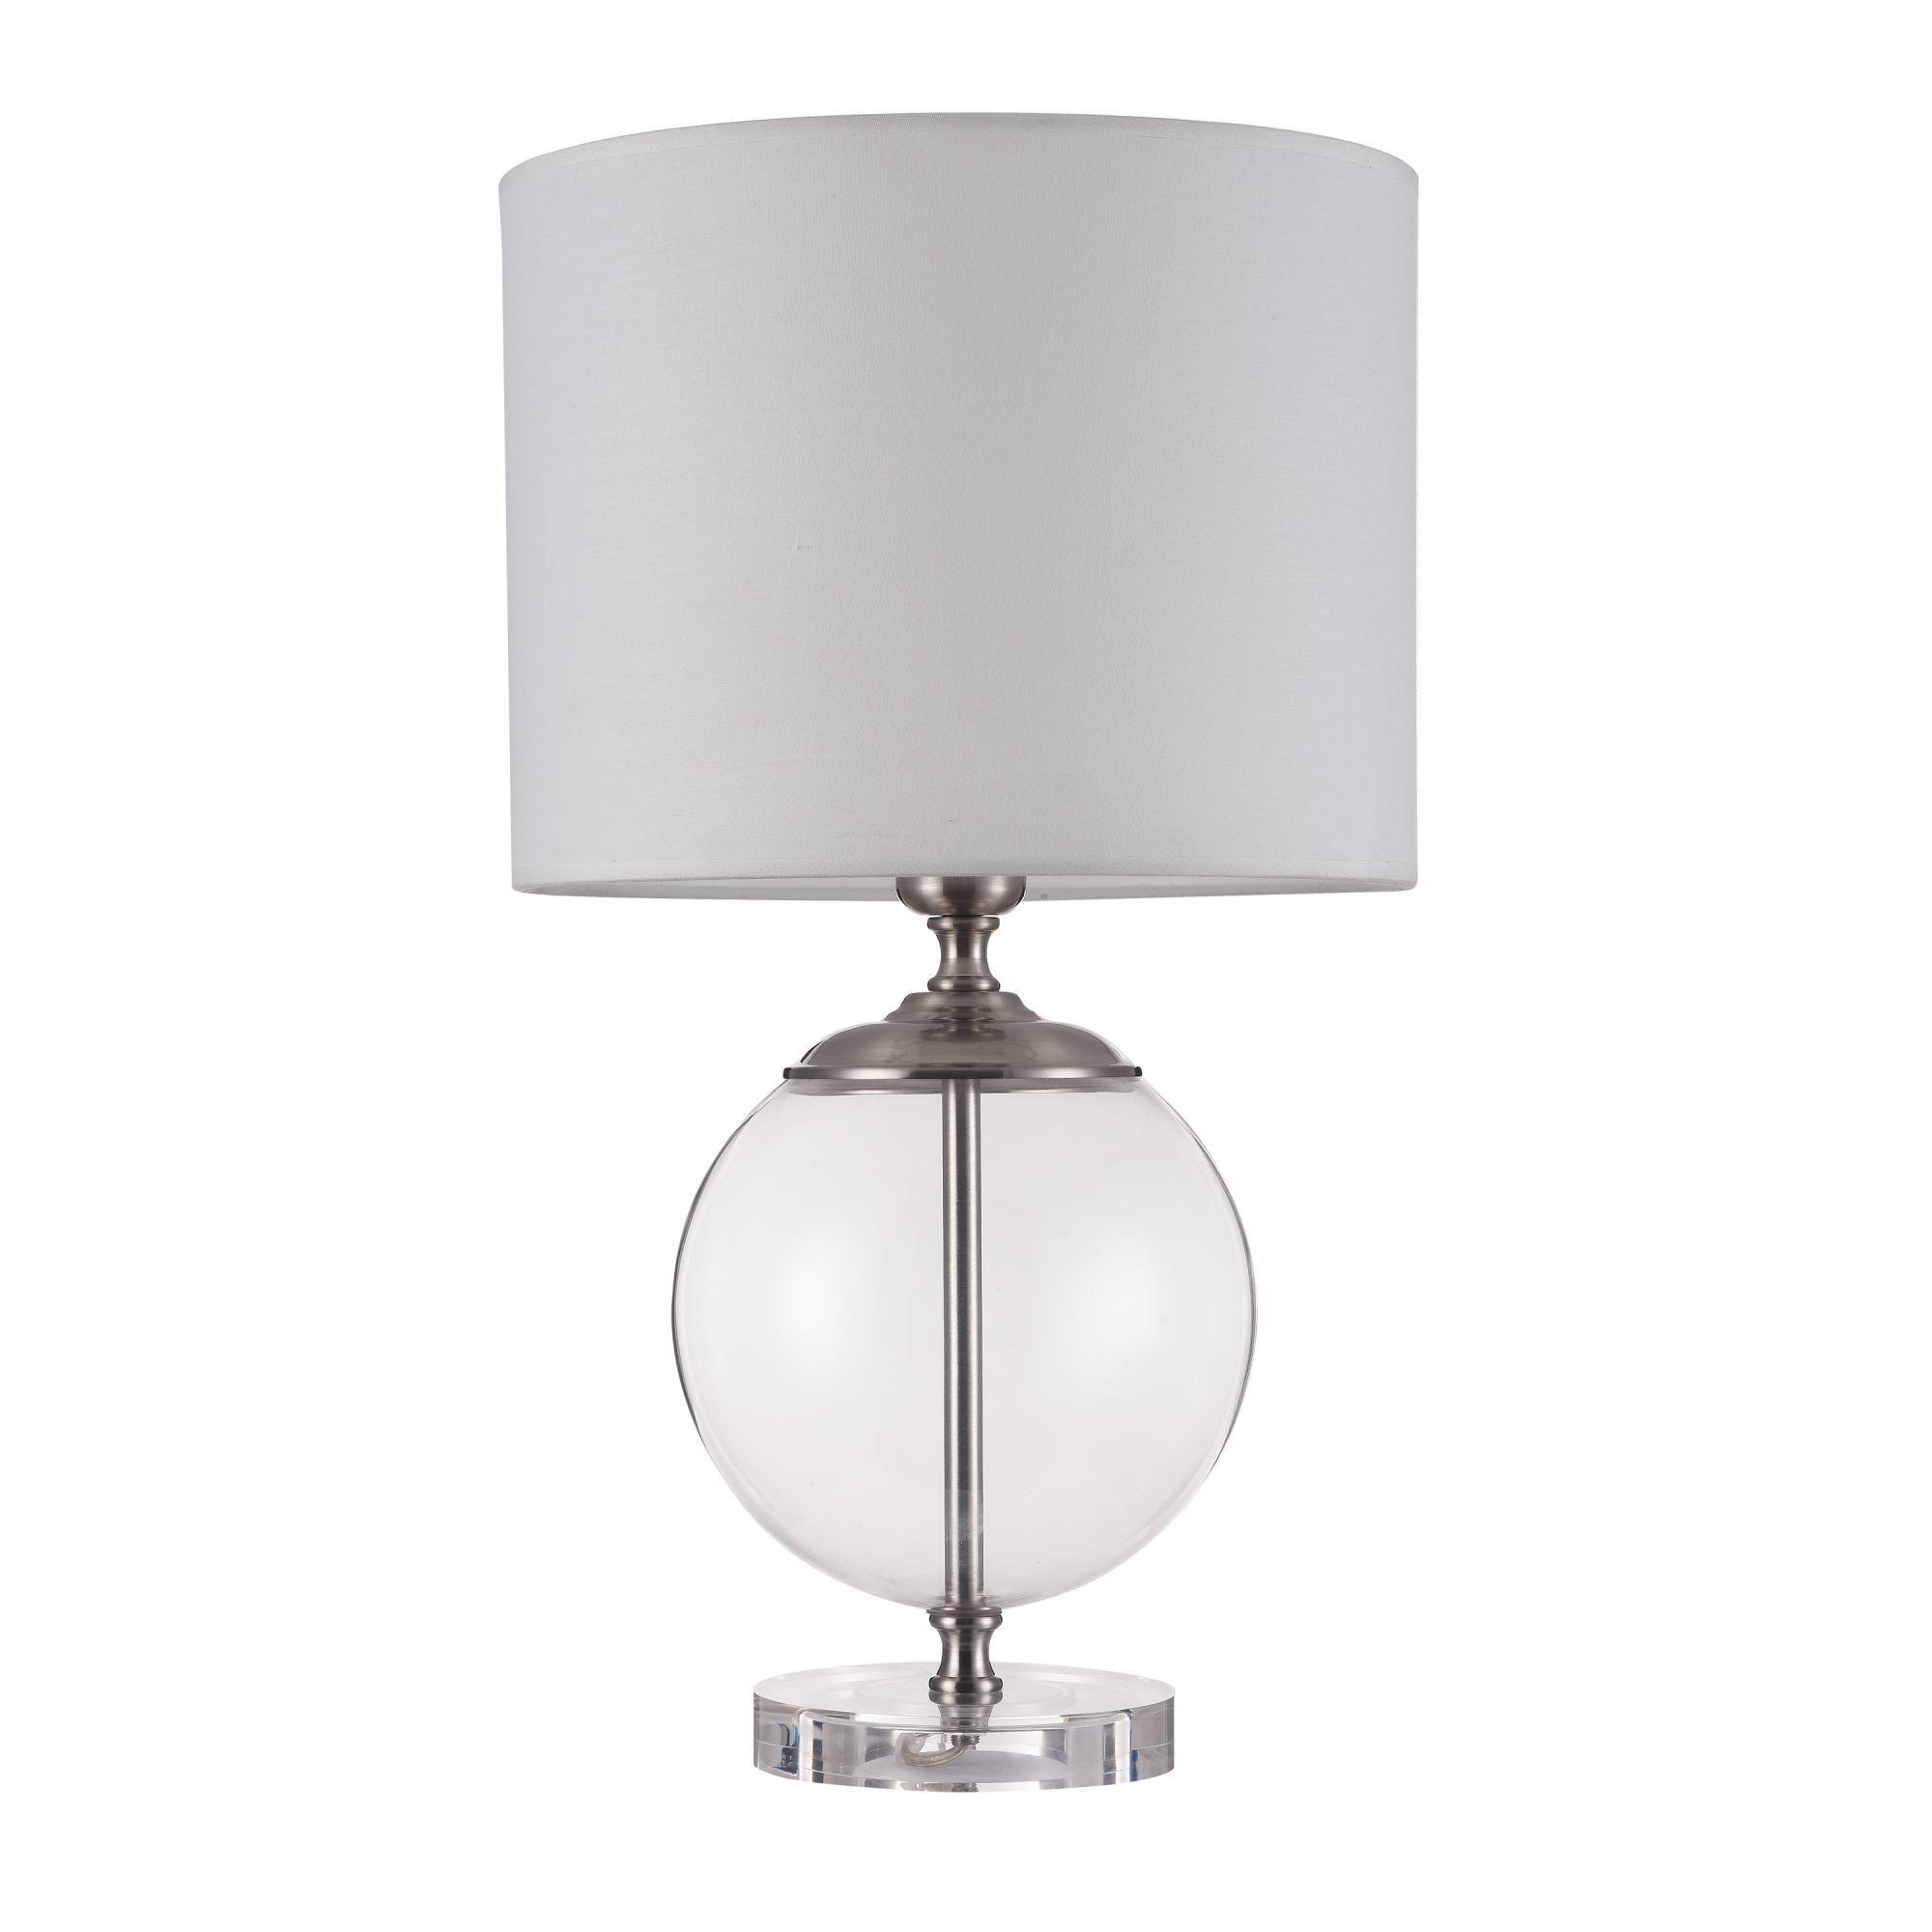 Настольная лампа Maytoni Lowell Z533TL-01N, 1xE27x40W, никель с прозрачным, прозрачный с никелем, бежевый, стекло с металлом, текстиль - фото 3